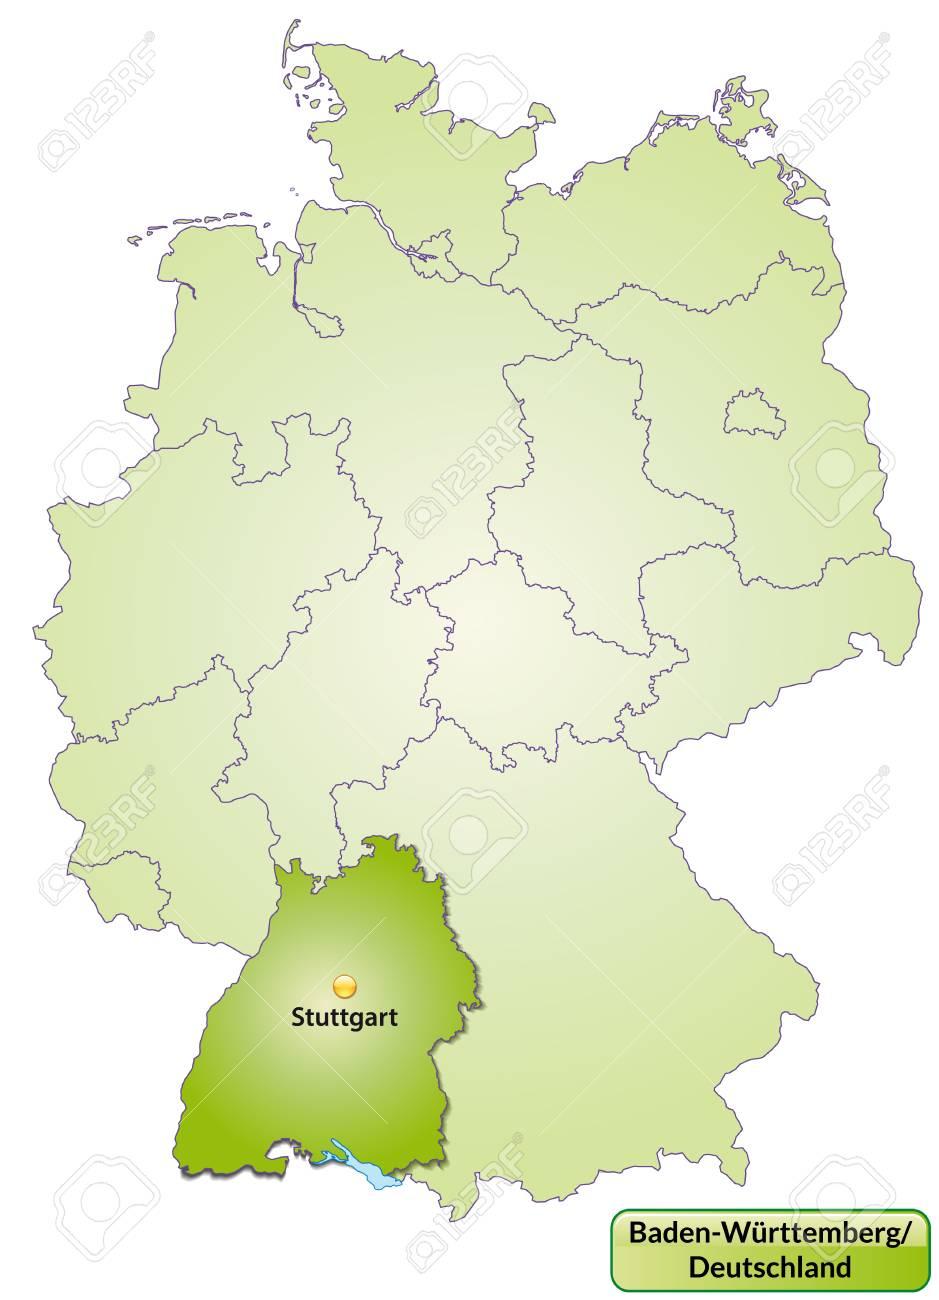 Karte Von Baden Wurttemberg Mit Den Wichtigsten Stadten In Grun